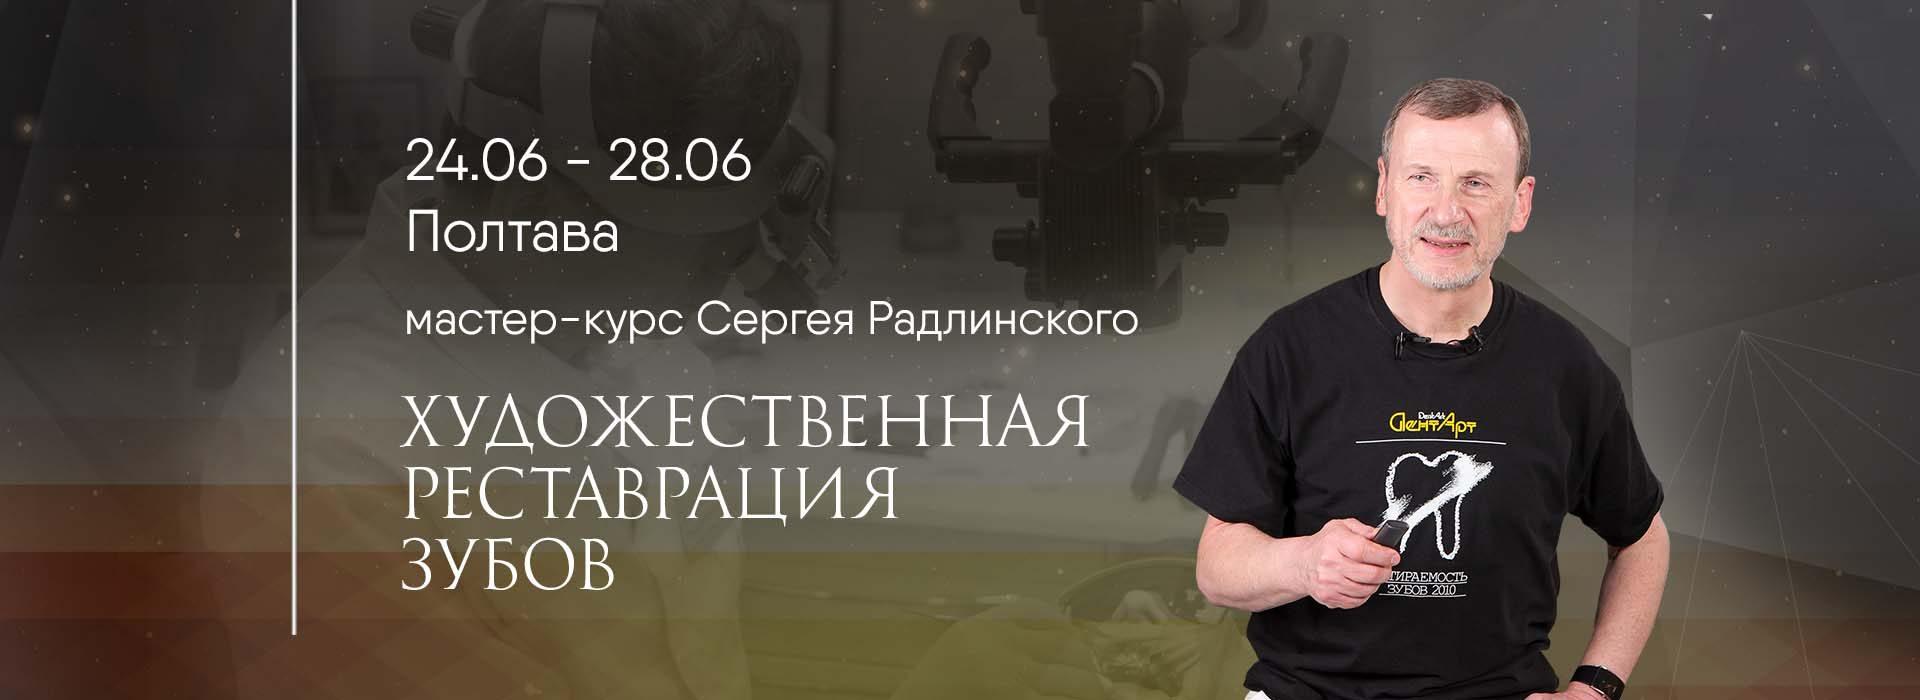 Мастер-курс Сергея Радлинского 24-28 июня в Полтаве